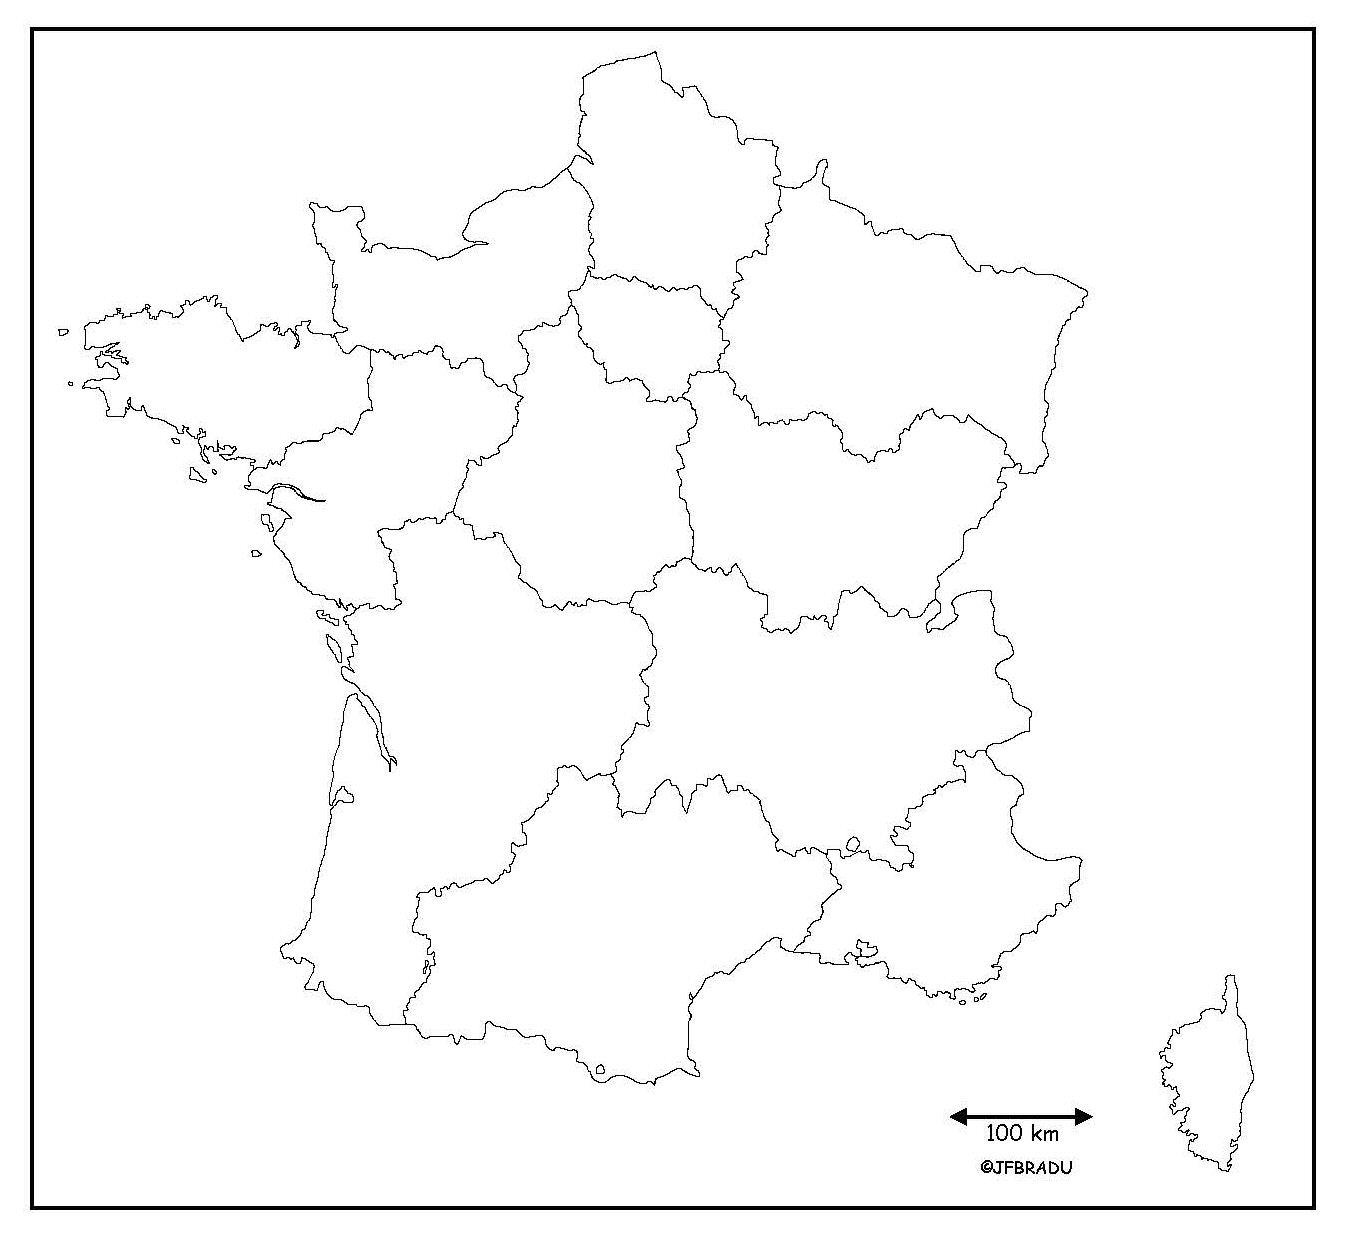 Fonds De Cartes France intérieur Carte Des 13 Nouvelles Régions De France